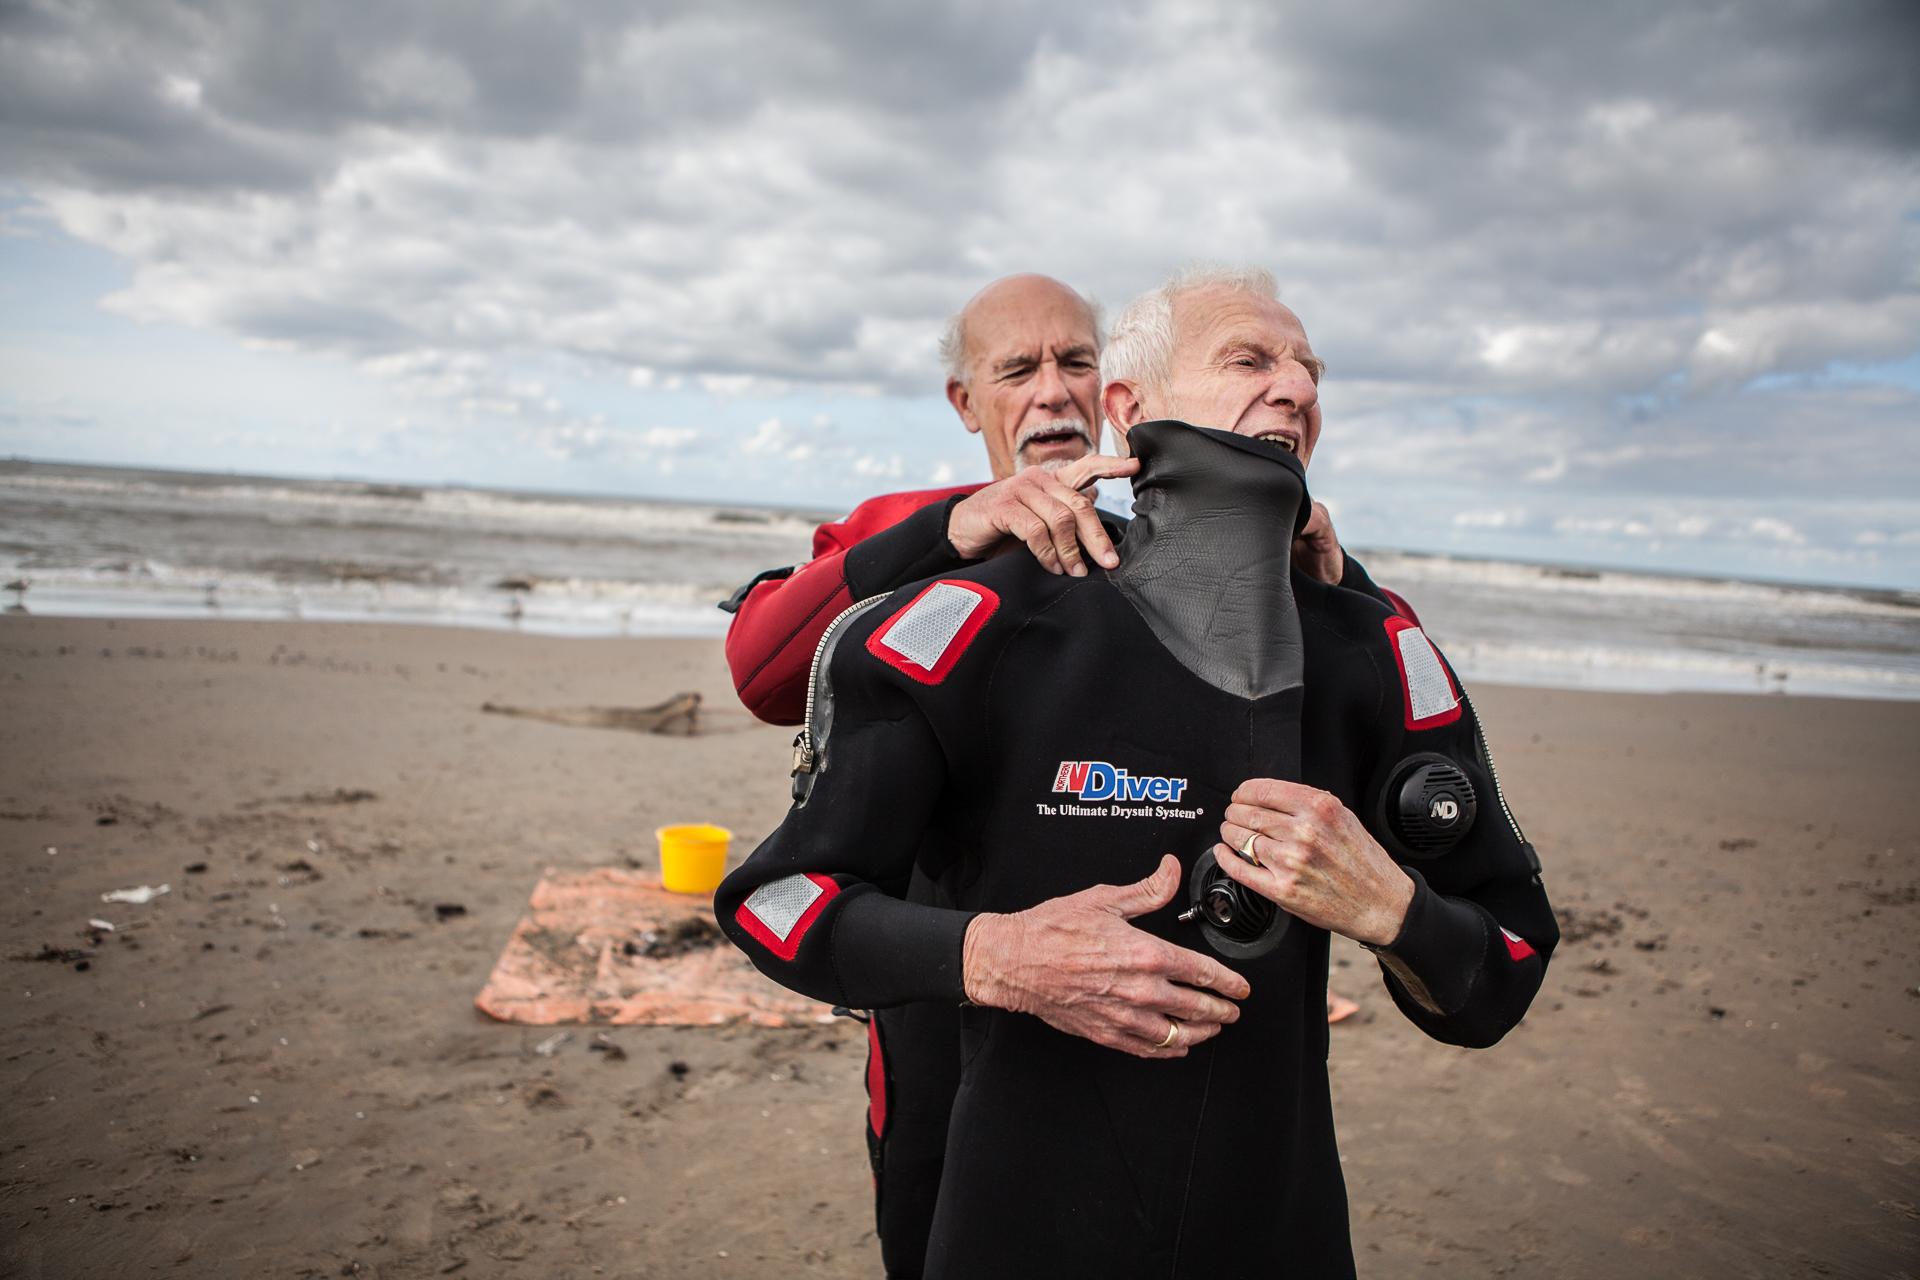 Hans und Frans - Krabben ganz Privat